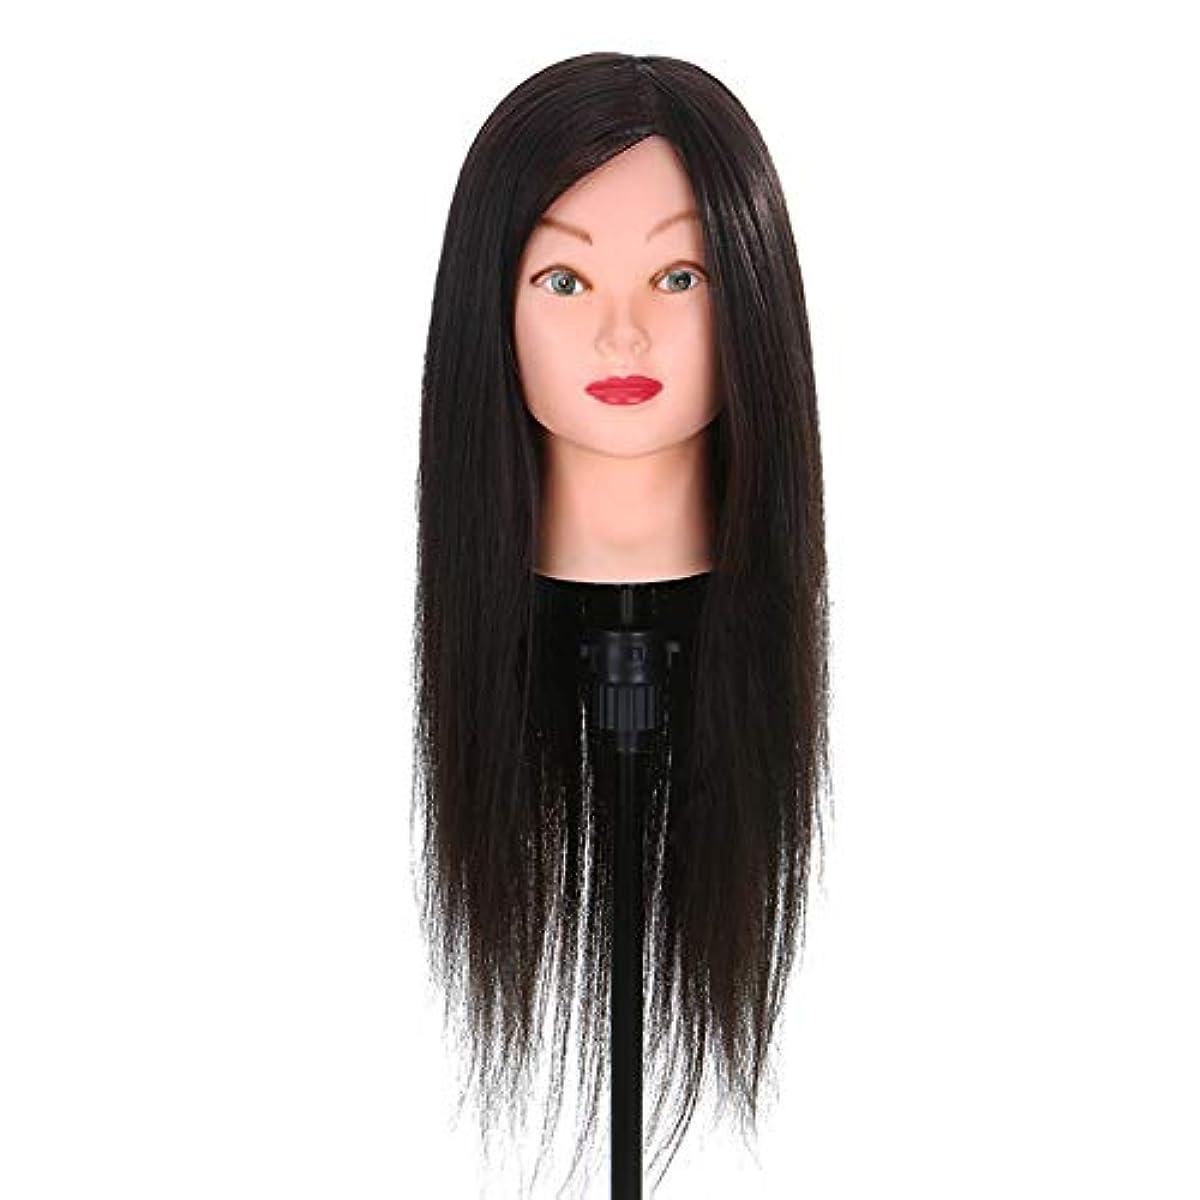 する必要がある振りかける川練習ディスク髪編組ヘアモデル理髪店スクールティーチングヘッドロングかつら美容マネキンヘッドブラケット